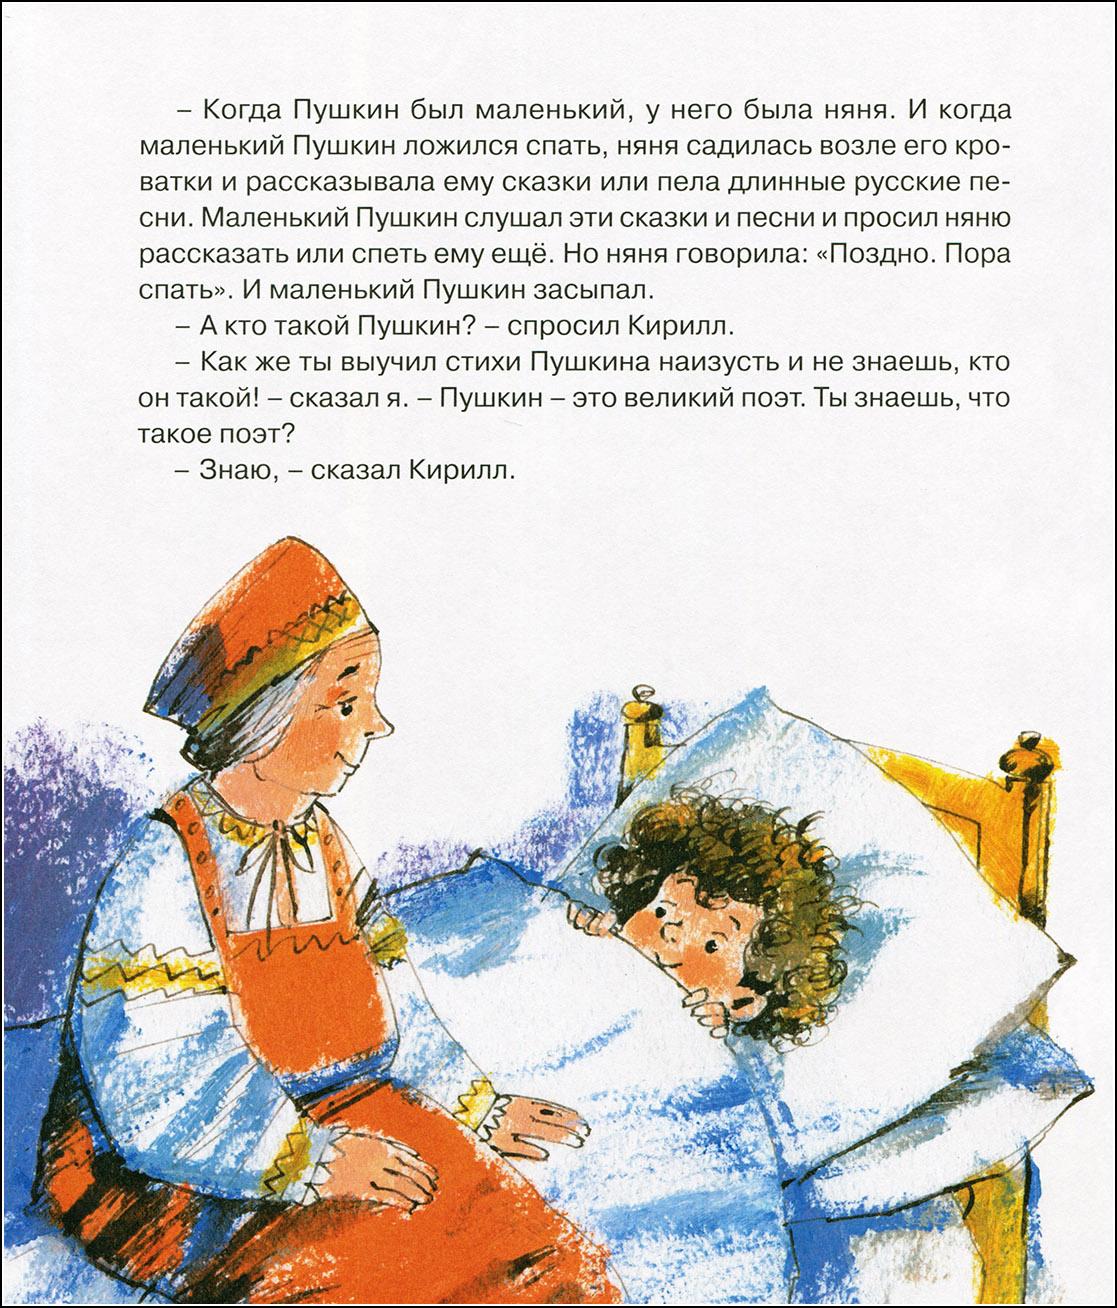 Бугославская, Даниил Хармс, Летят по небу шарики…